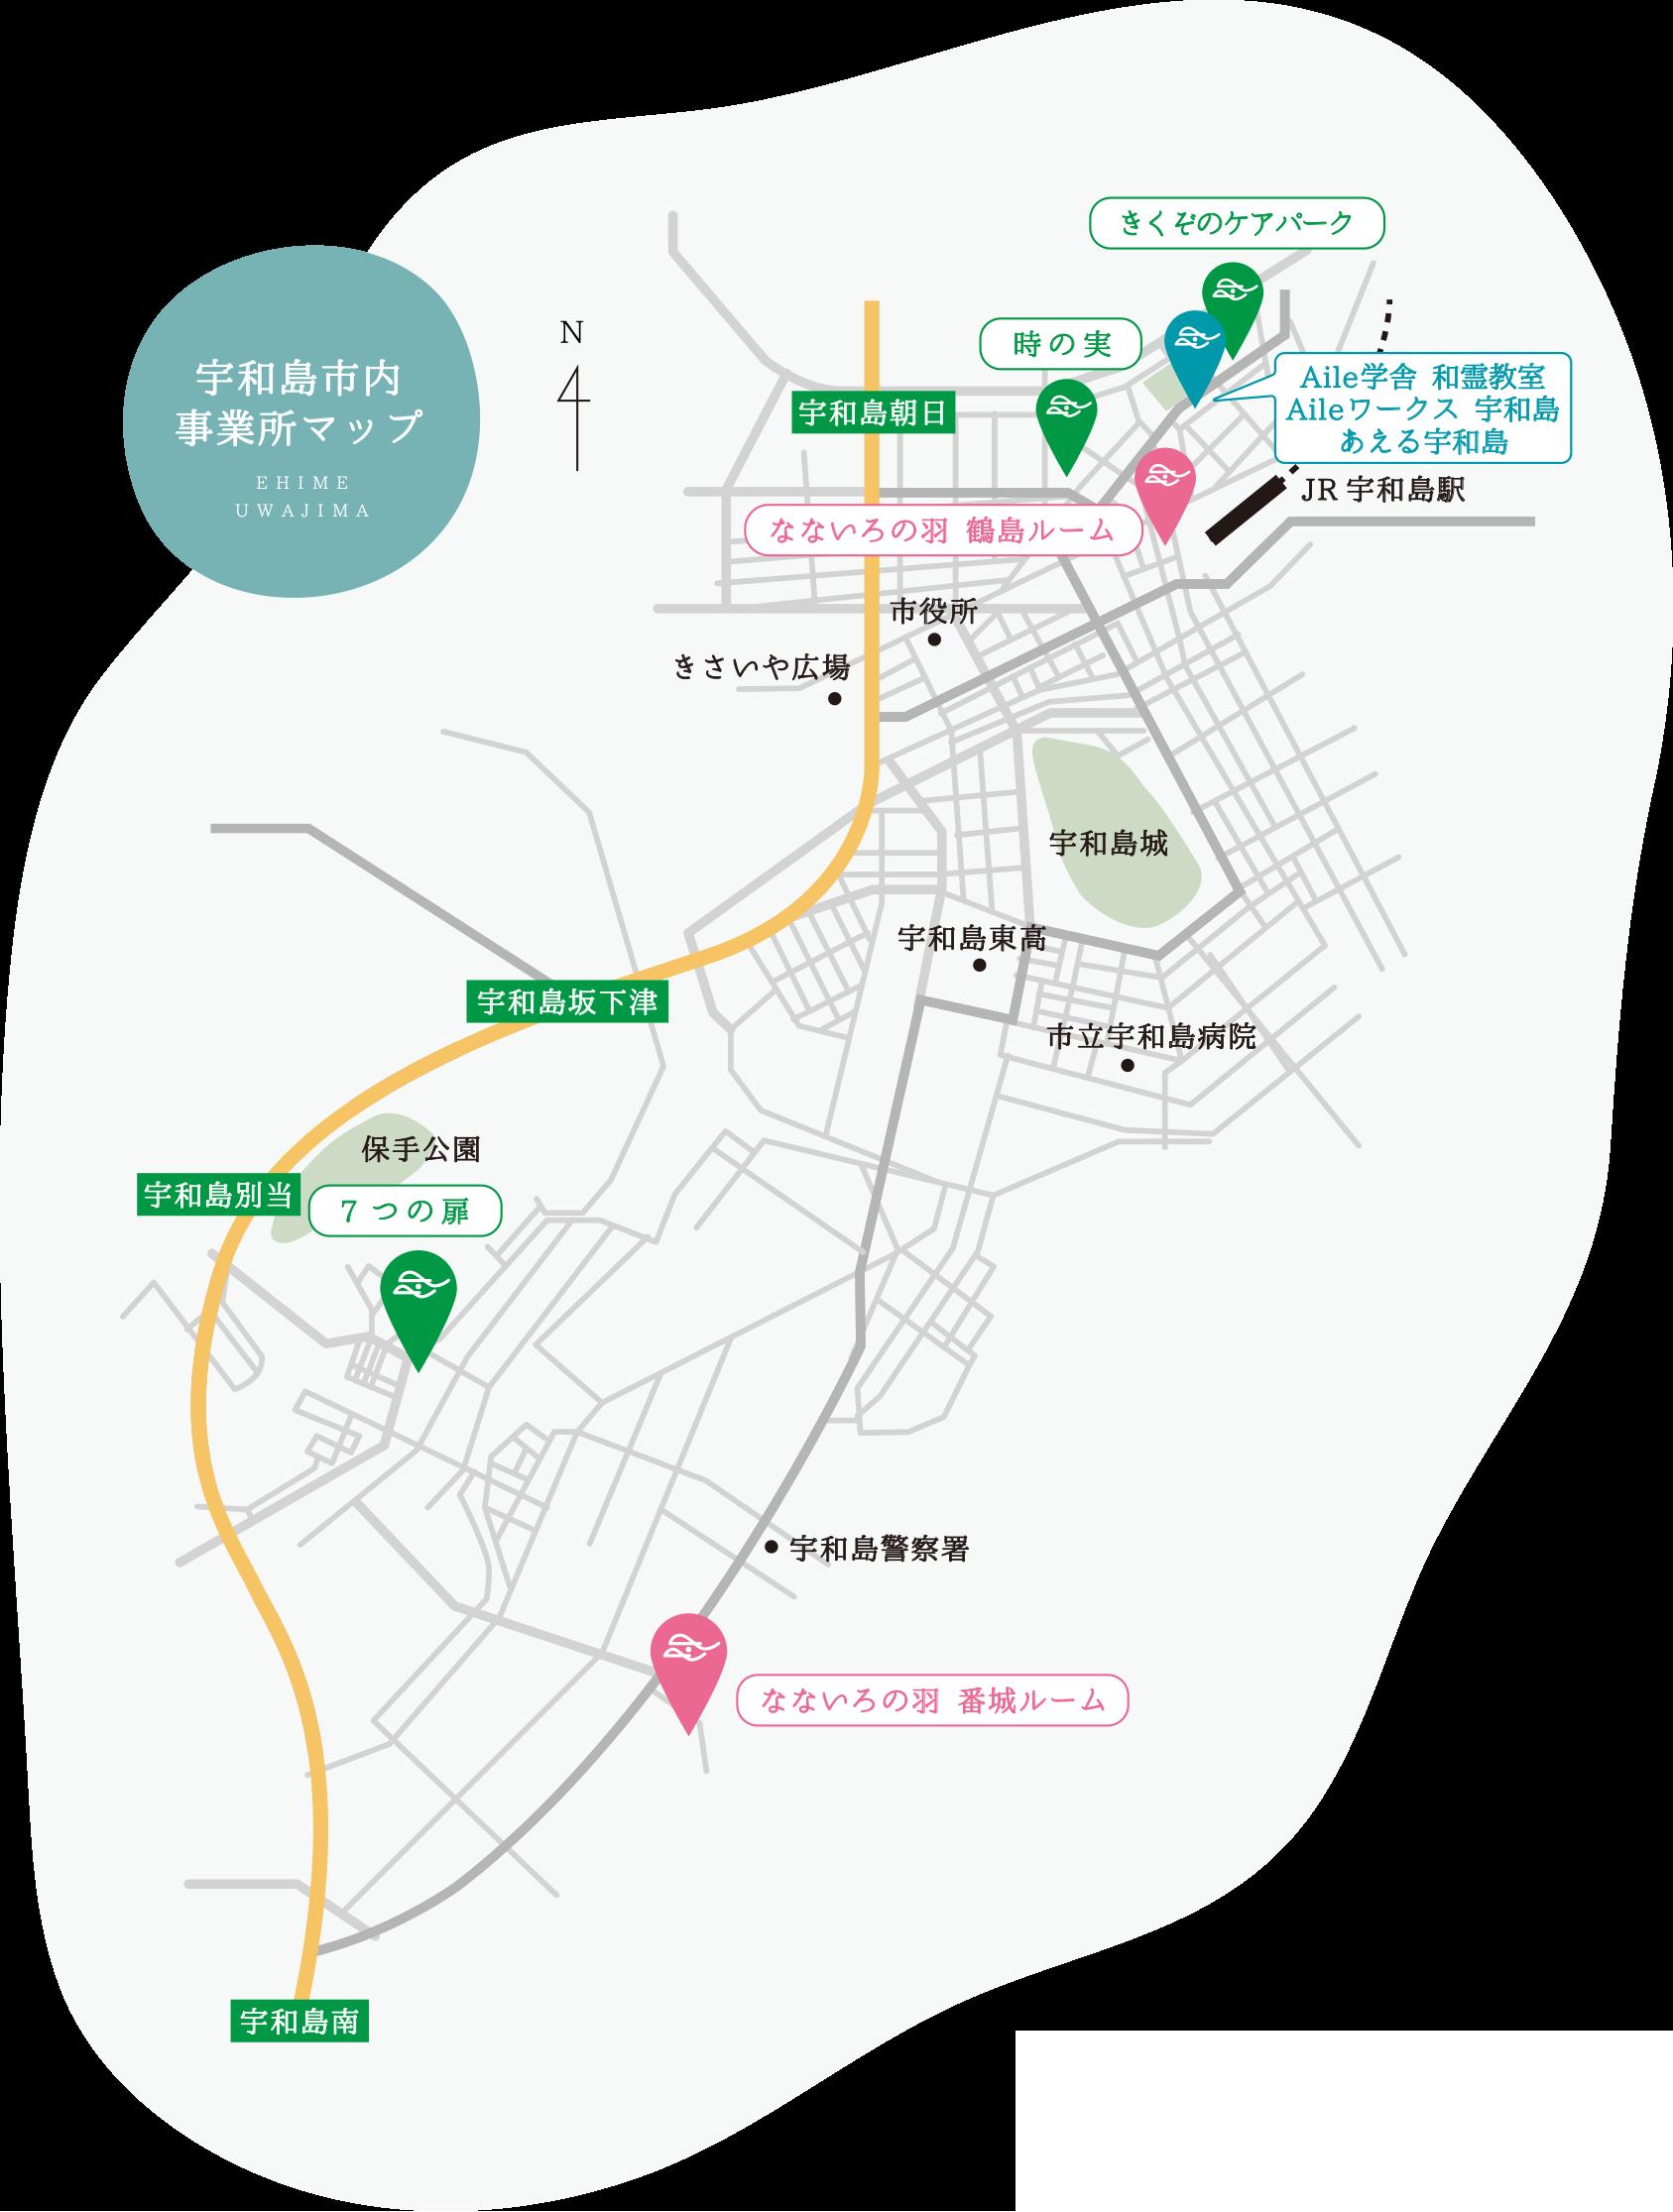 宇和島市内事務所マップ